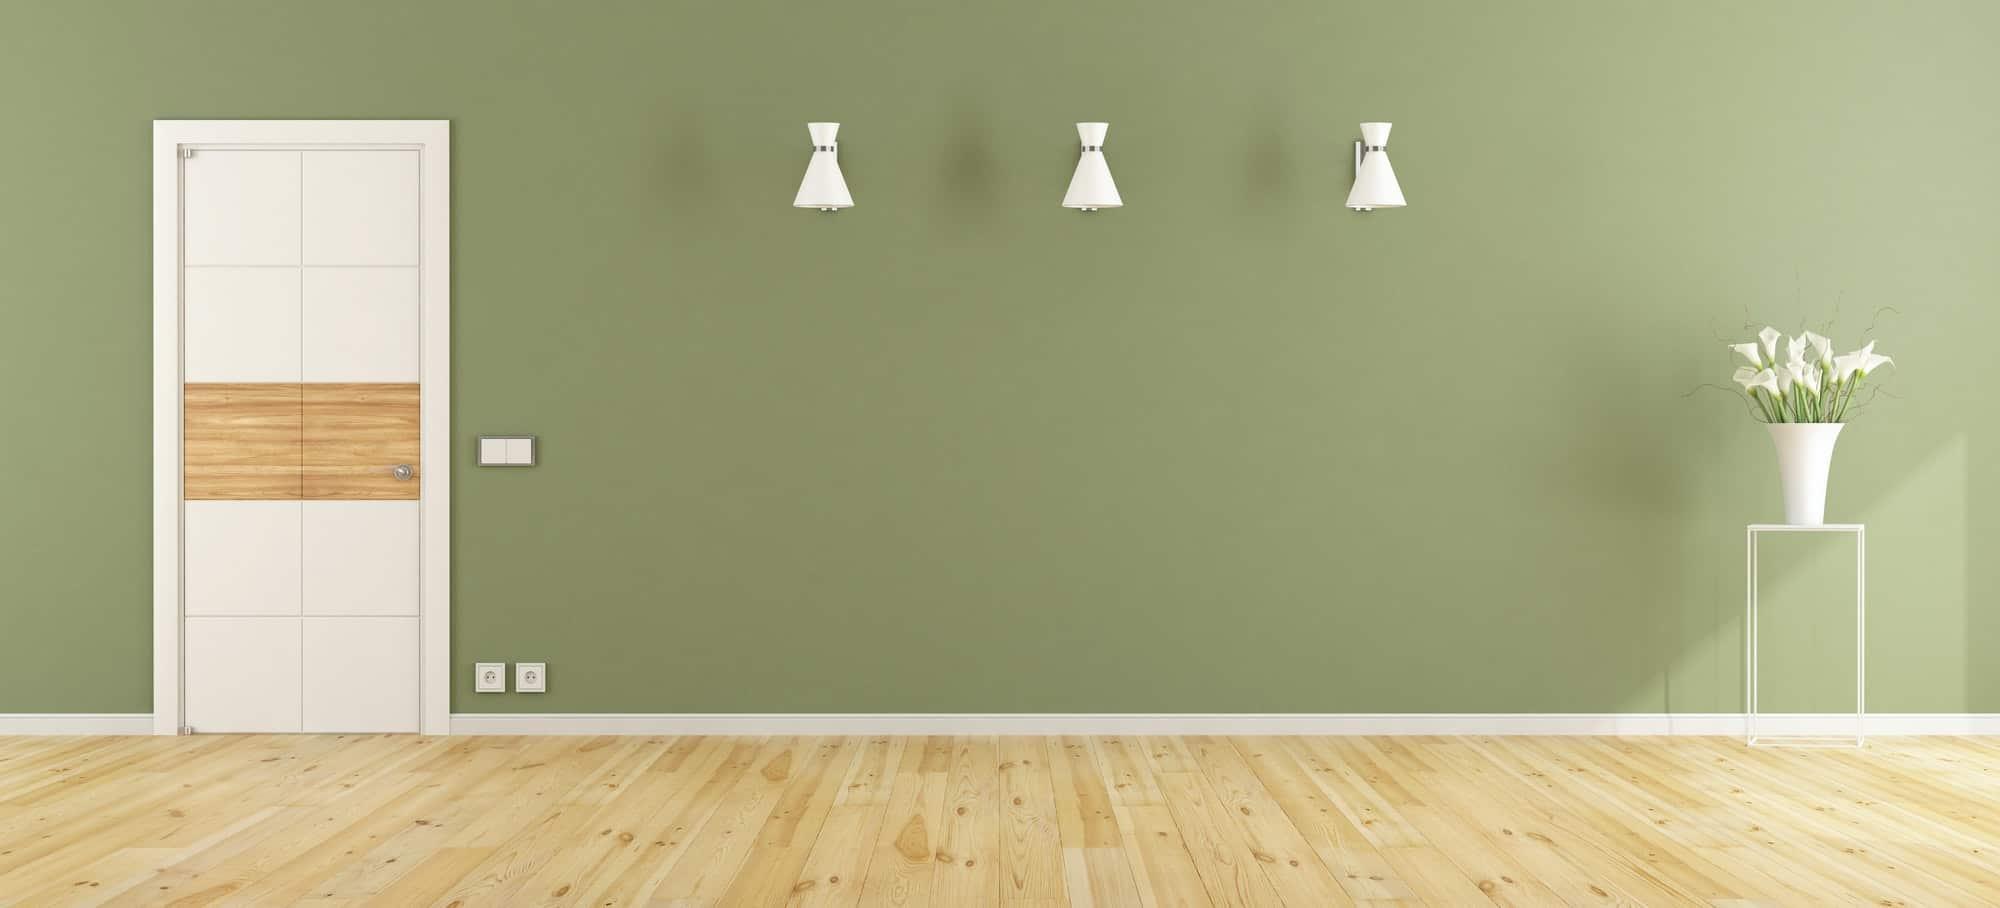 Empty green room with closed door